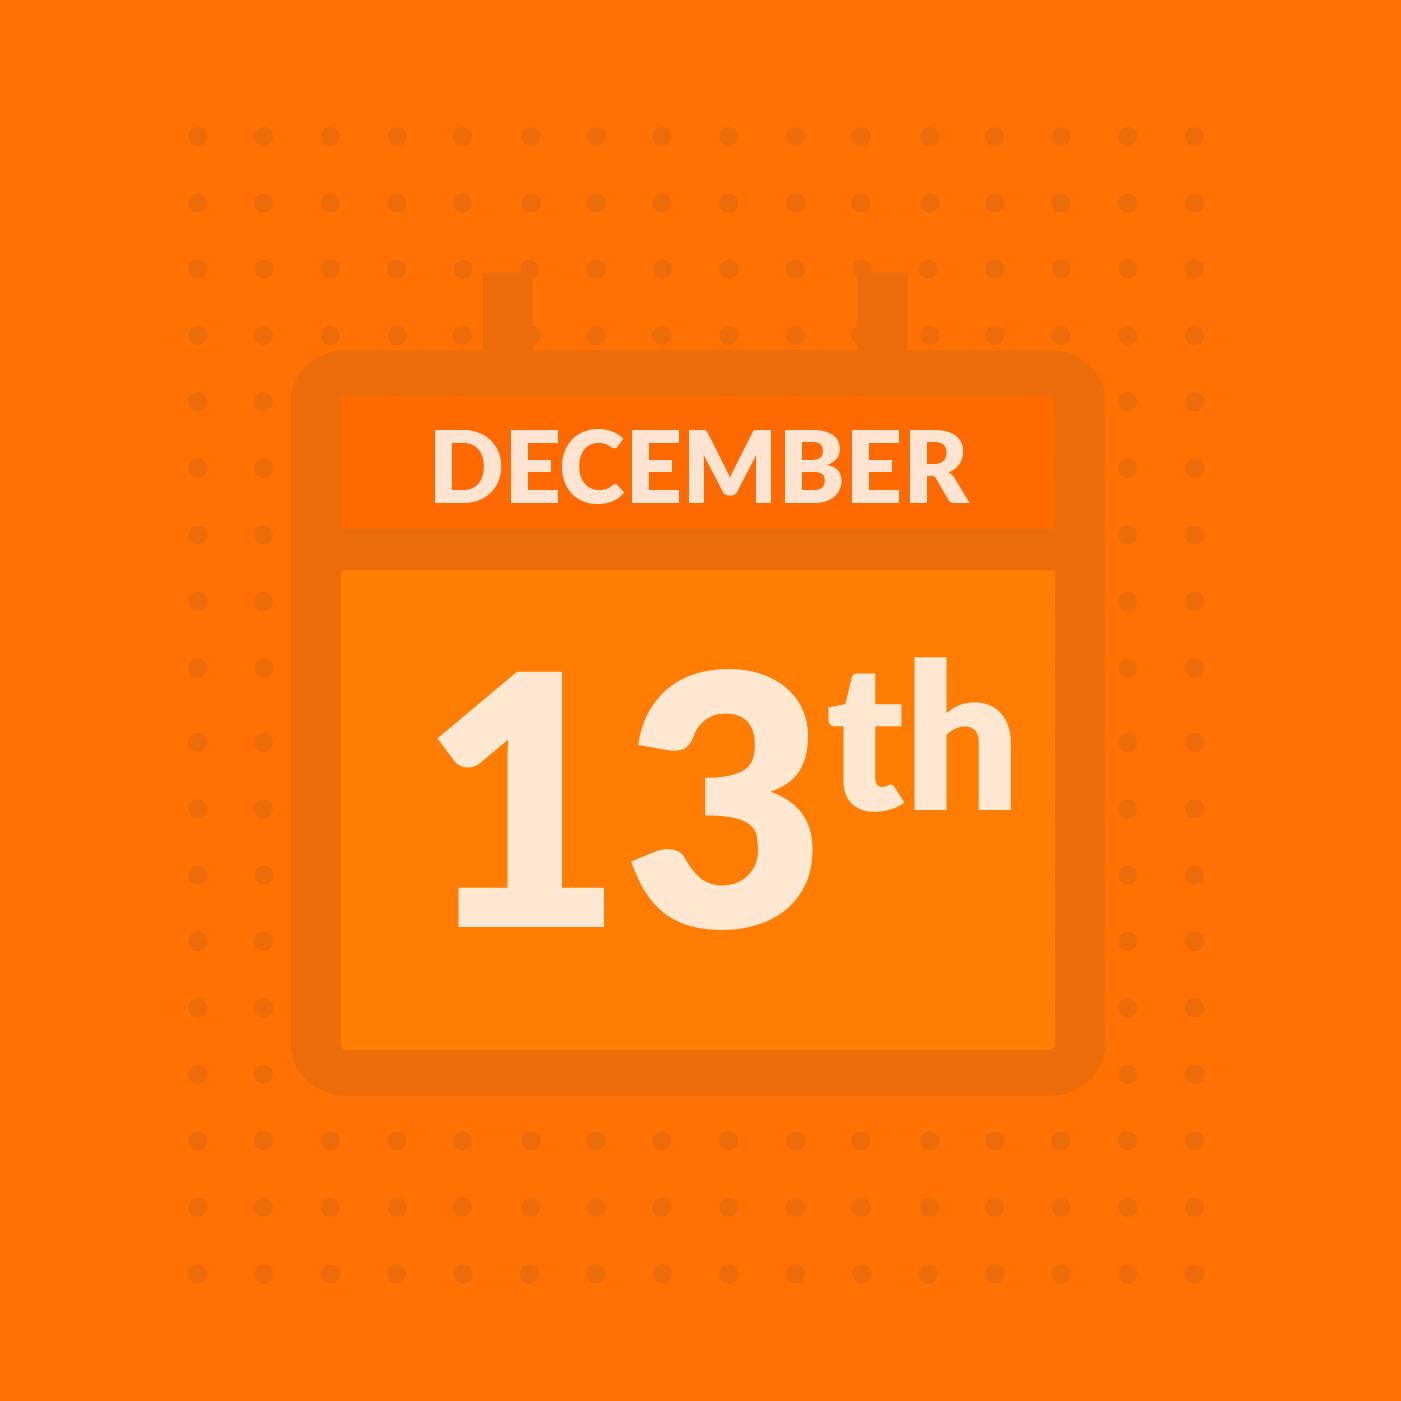 Week of December 13, 2019